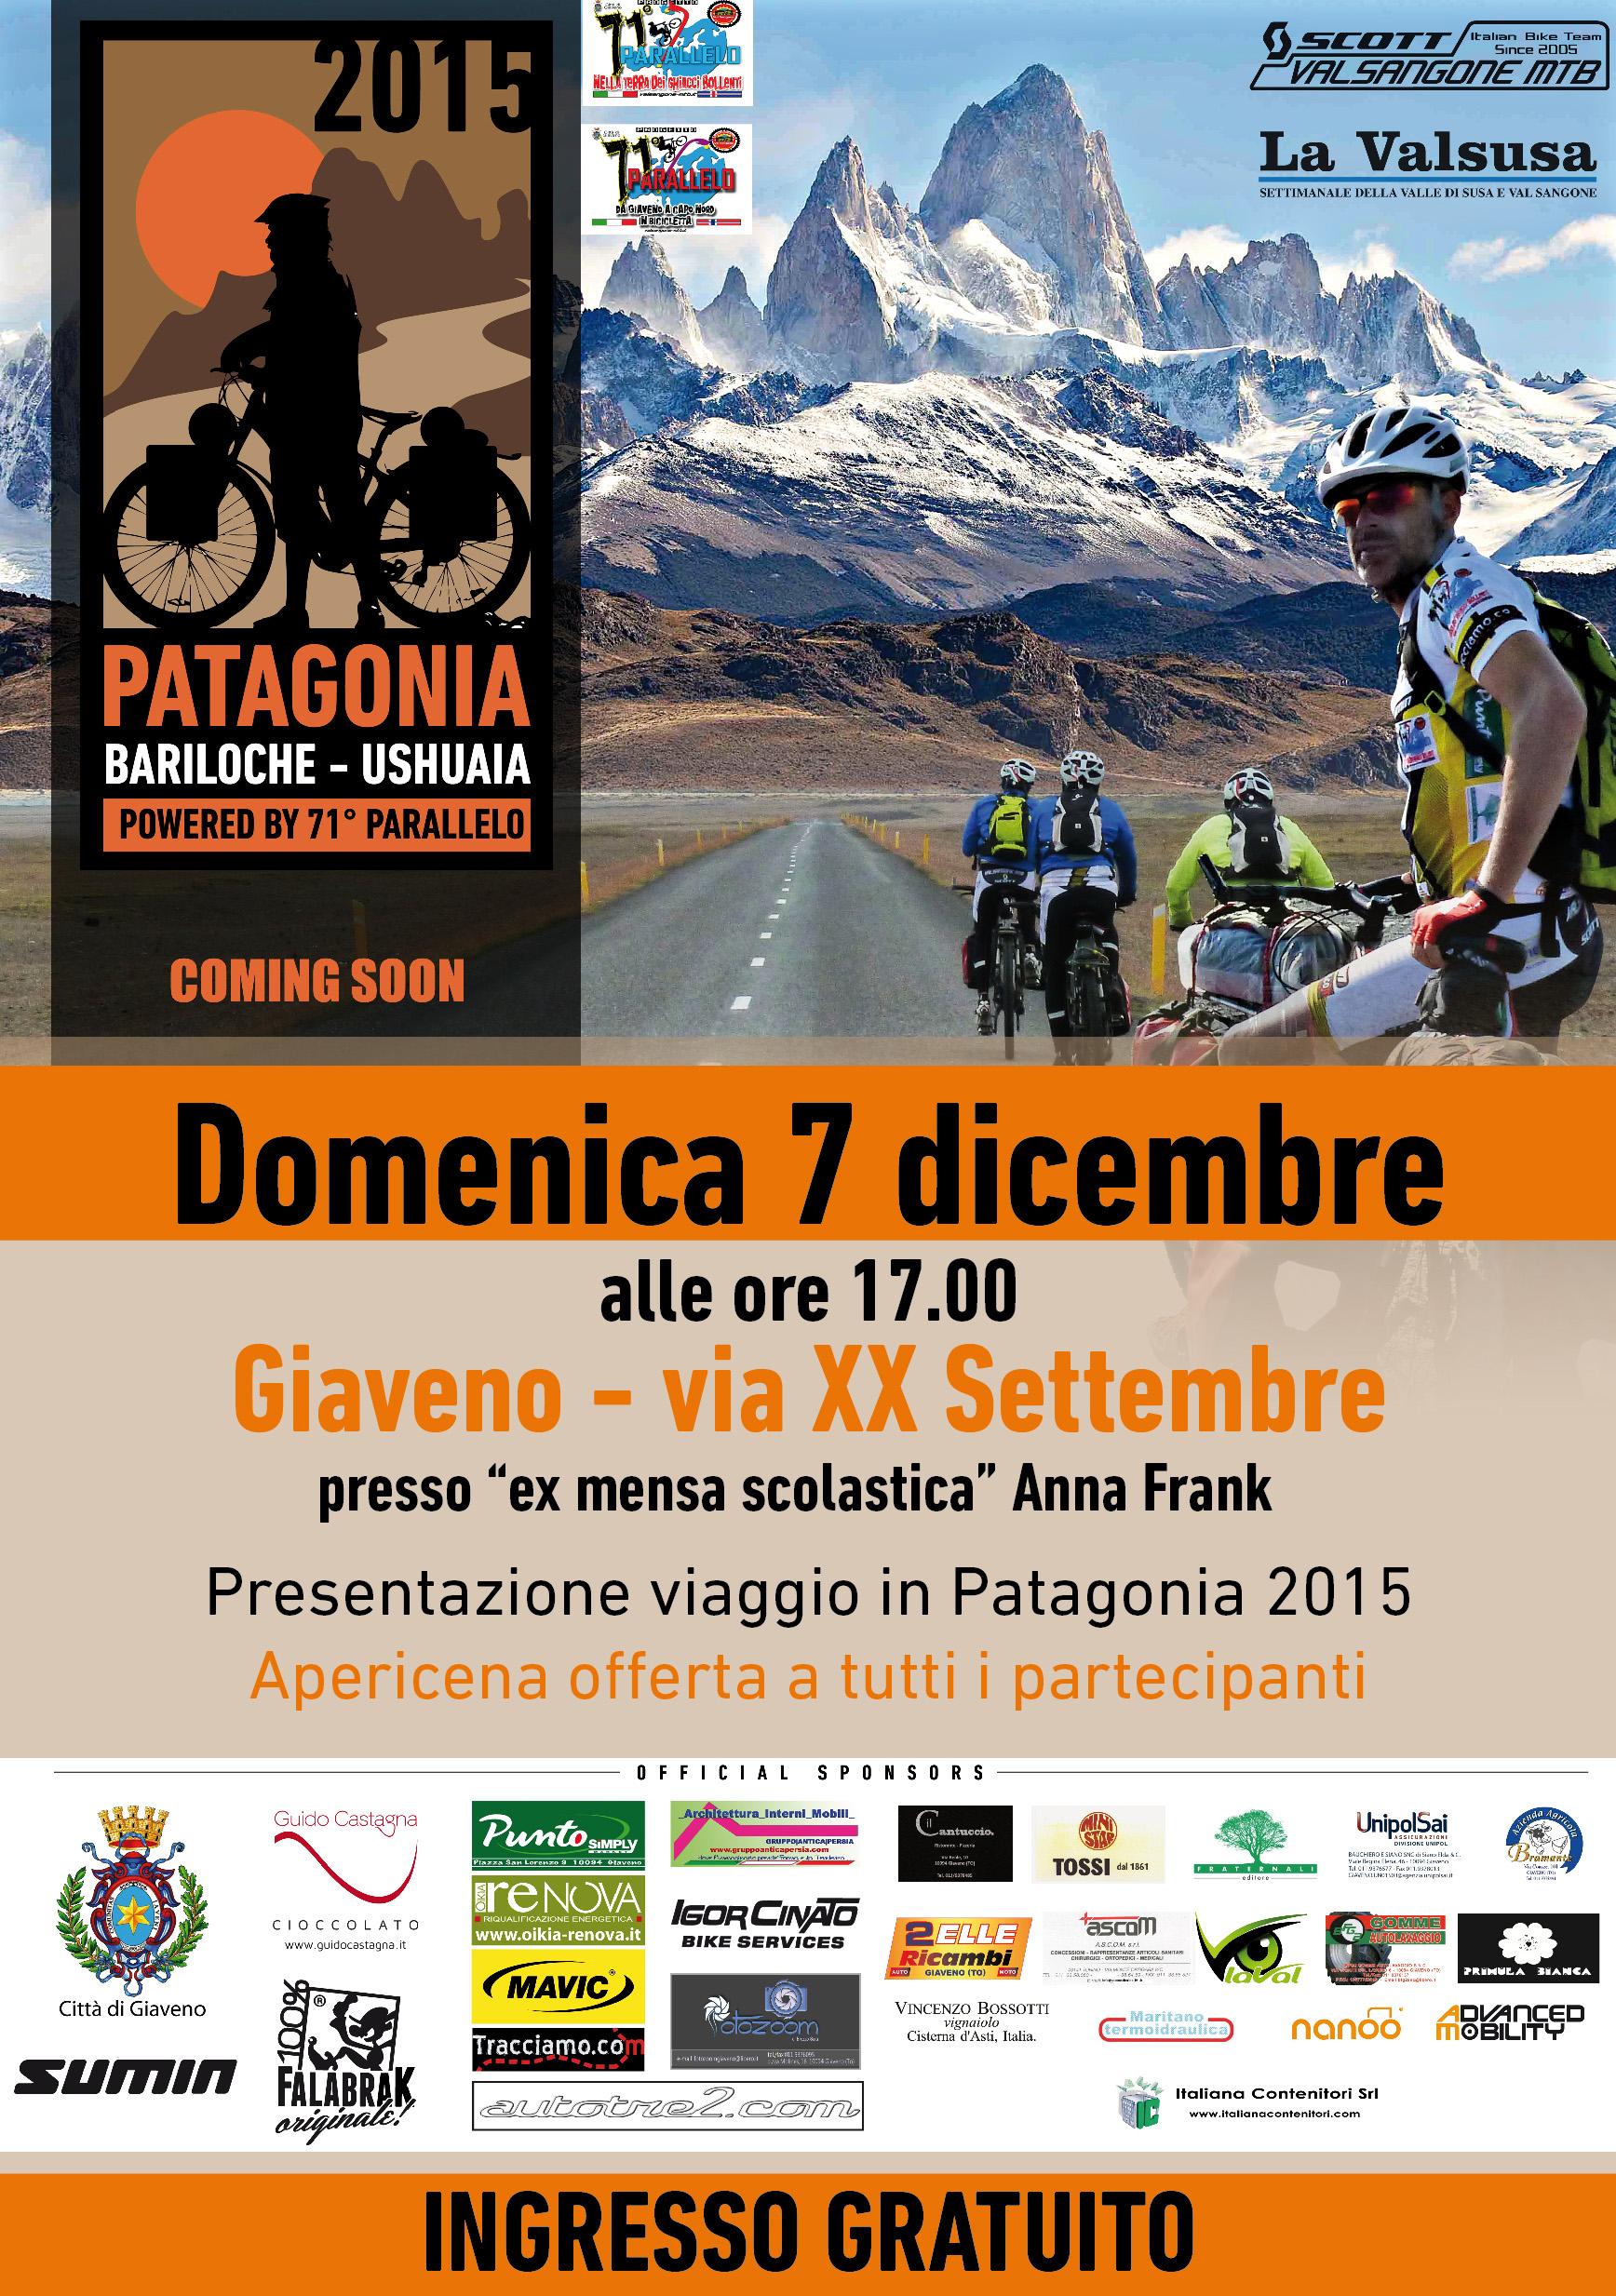 Viaggio in Patagonia 2015 – presentazione – domenica 7 dicembre 2014